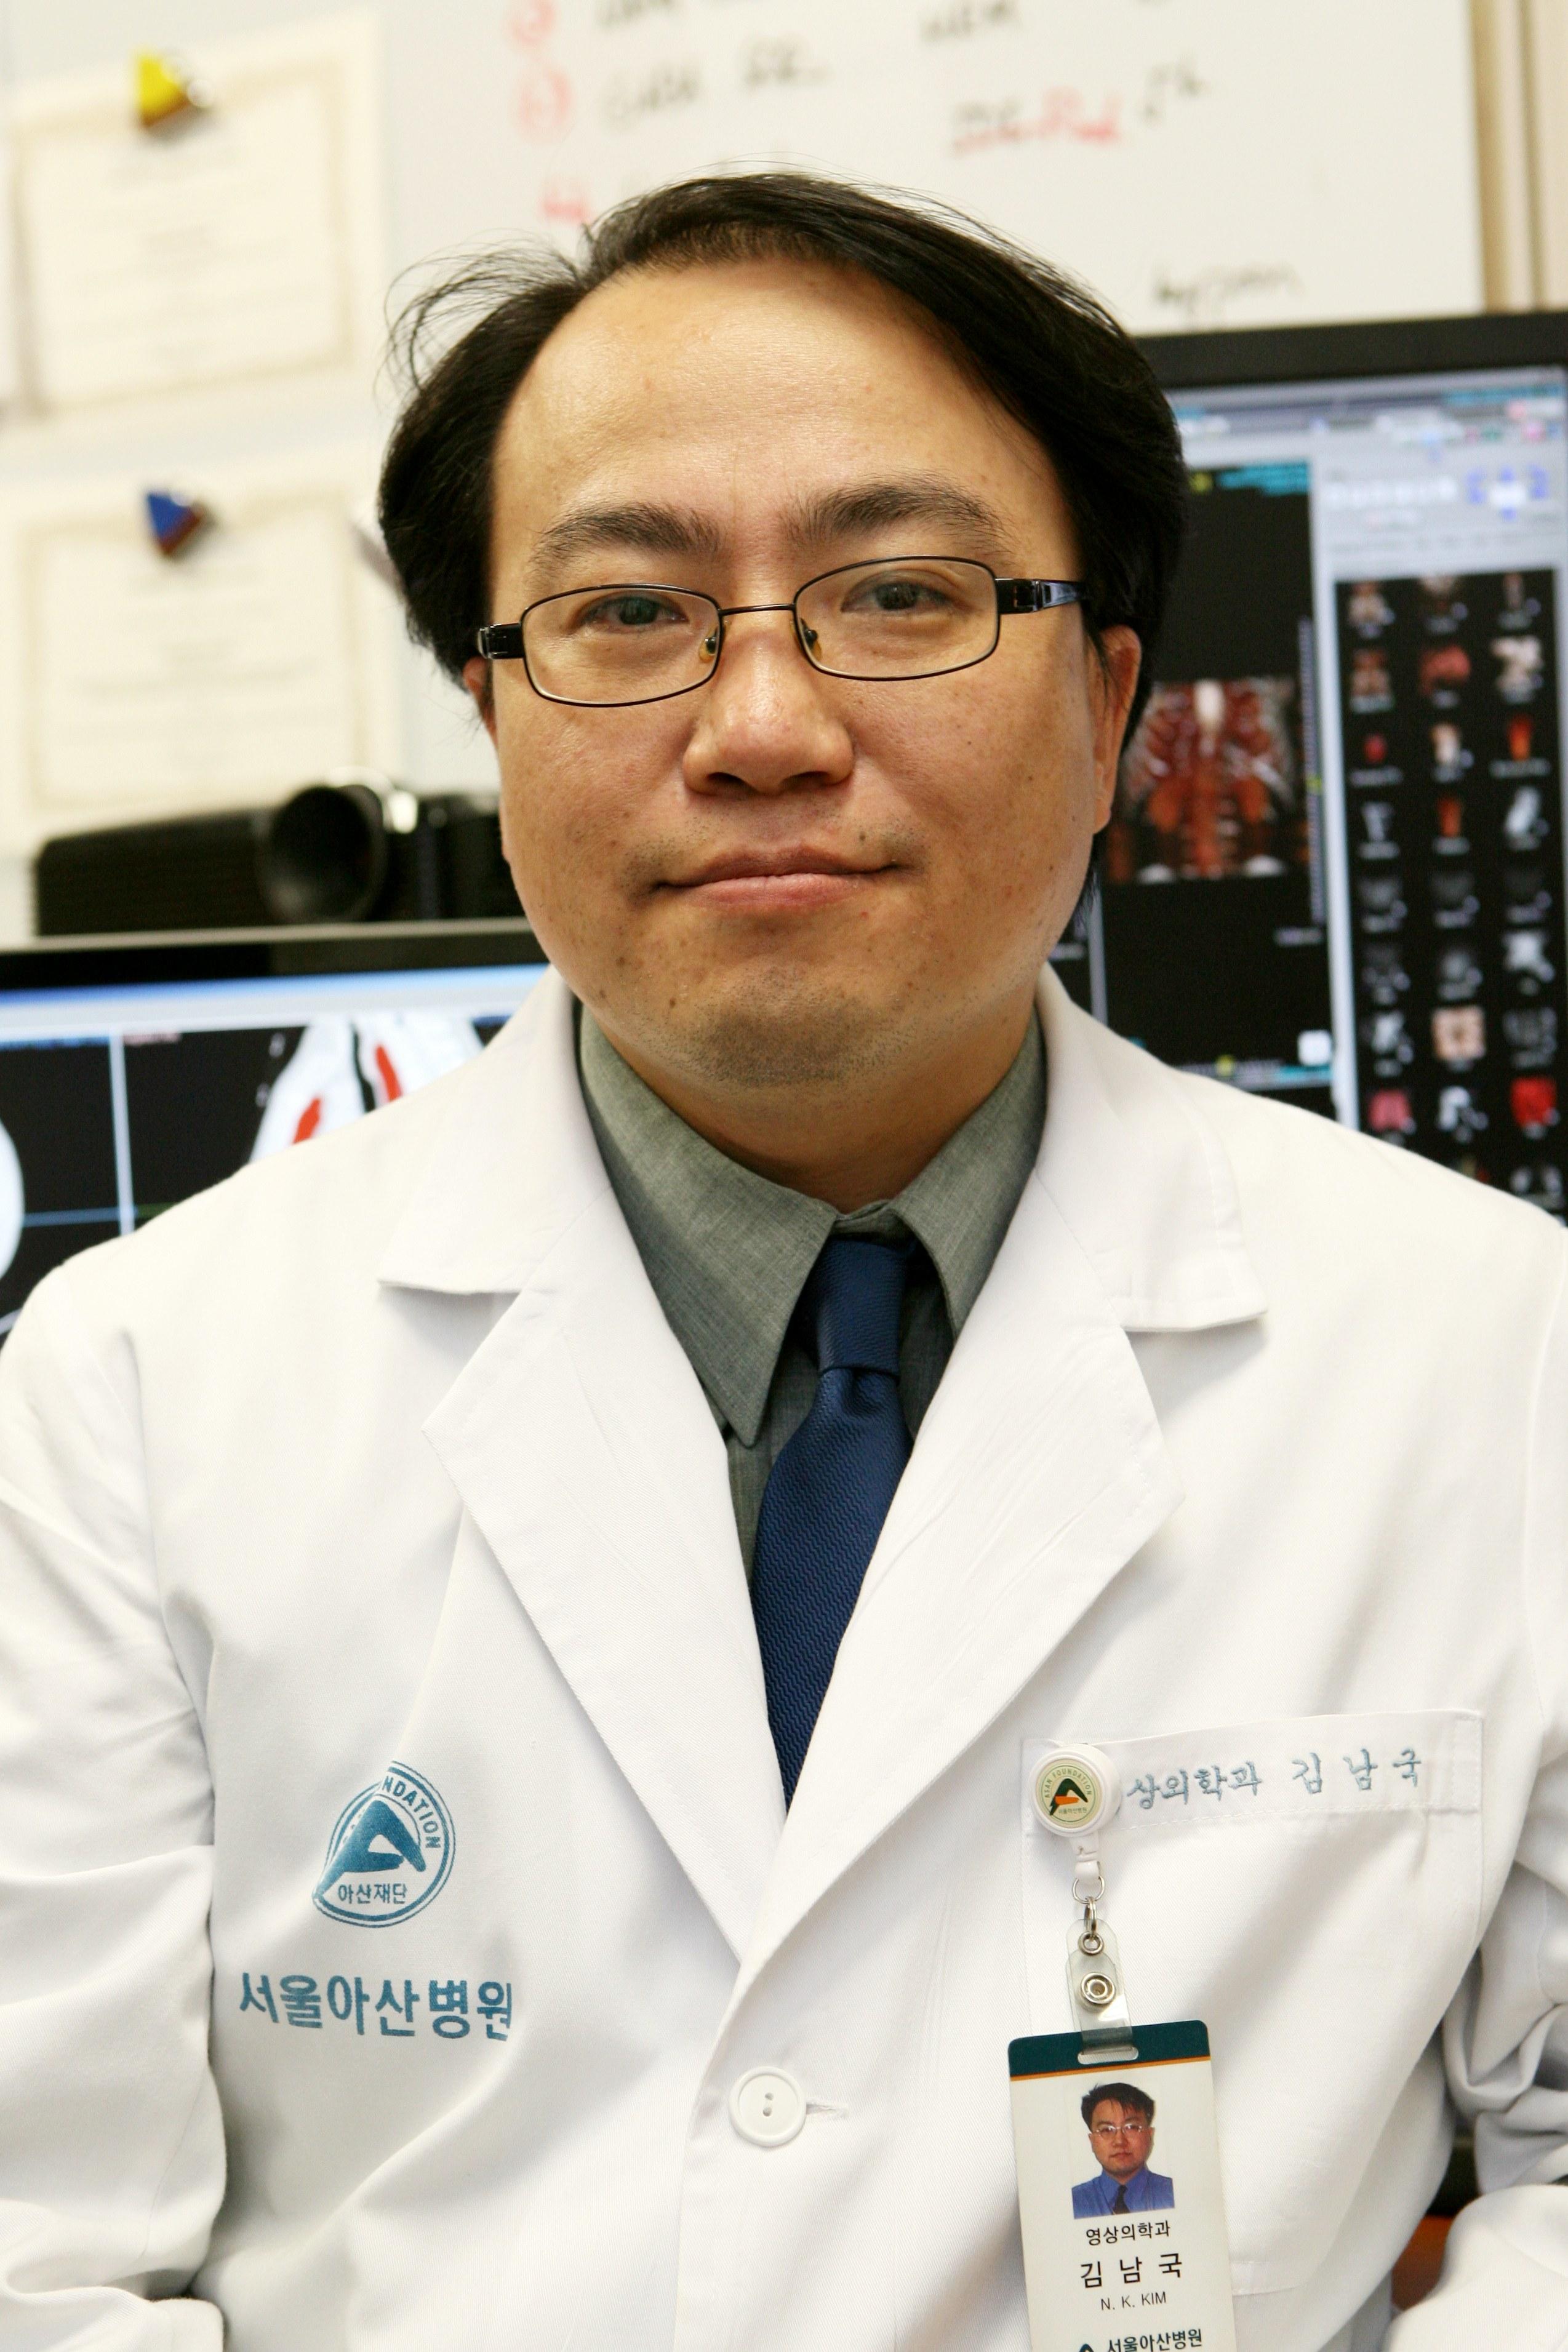 김남국 교수